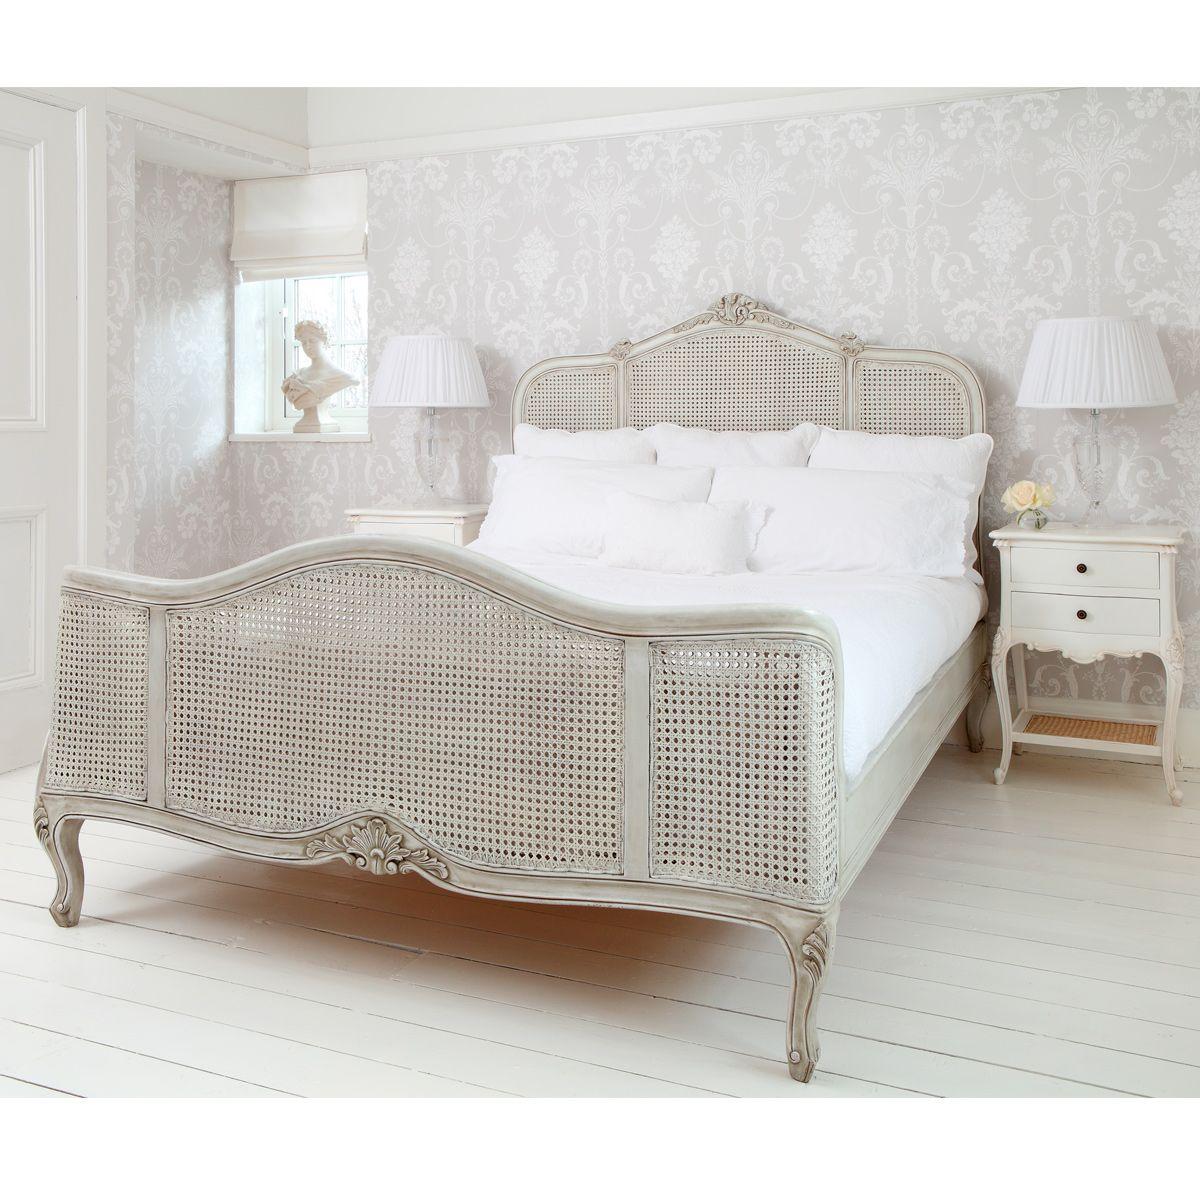 White Wicker Bed Set